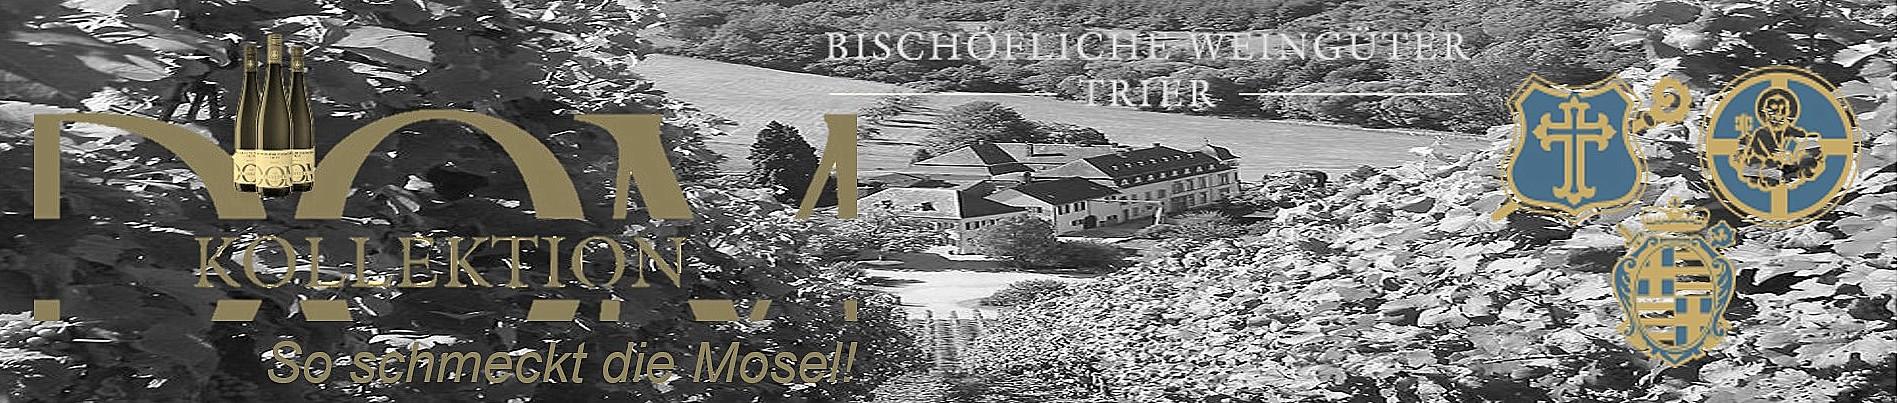 Bisch-fliche-Weing-ter-Trier-Riesling